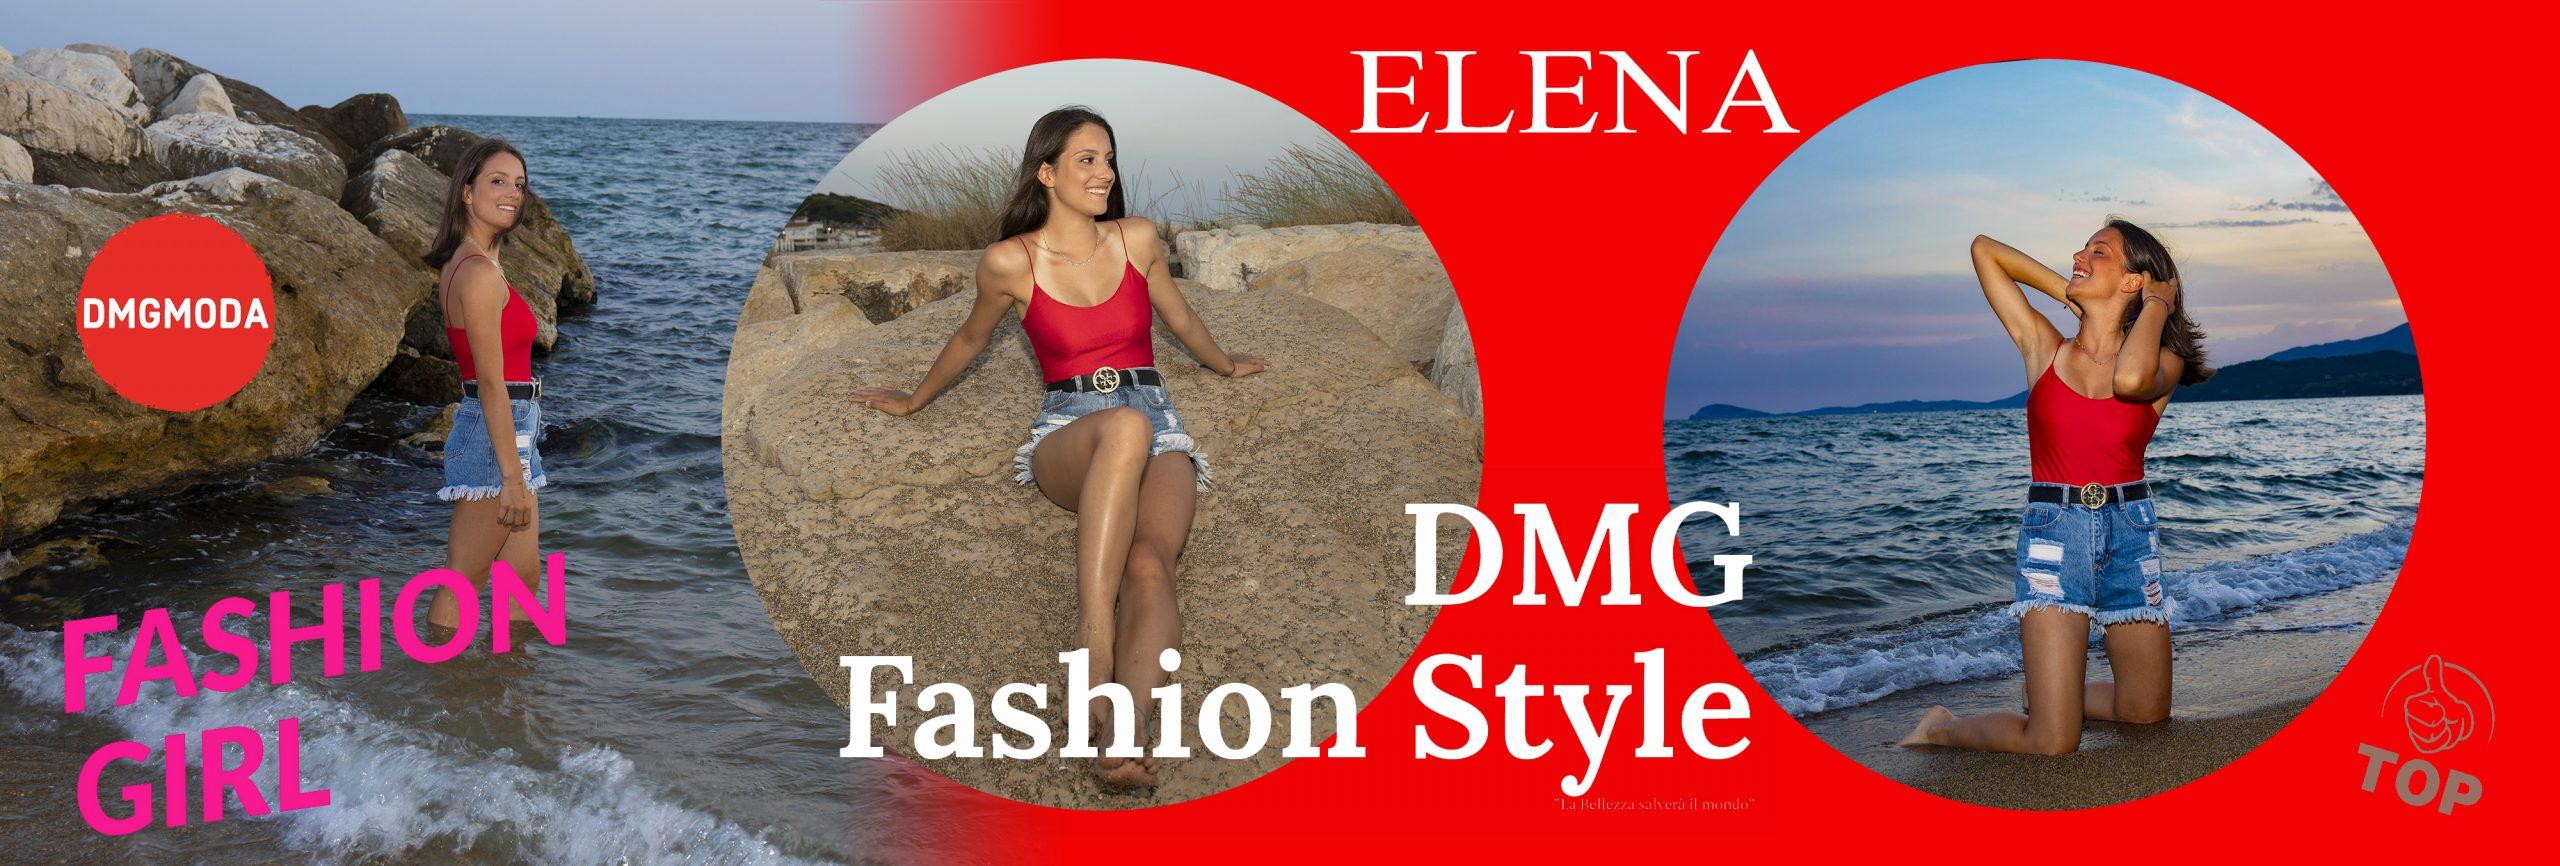 ELENA - DMG 2021